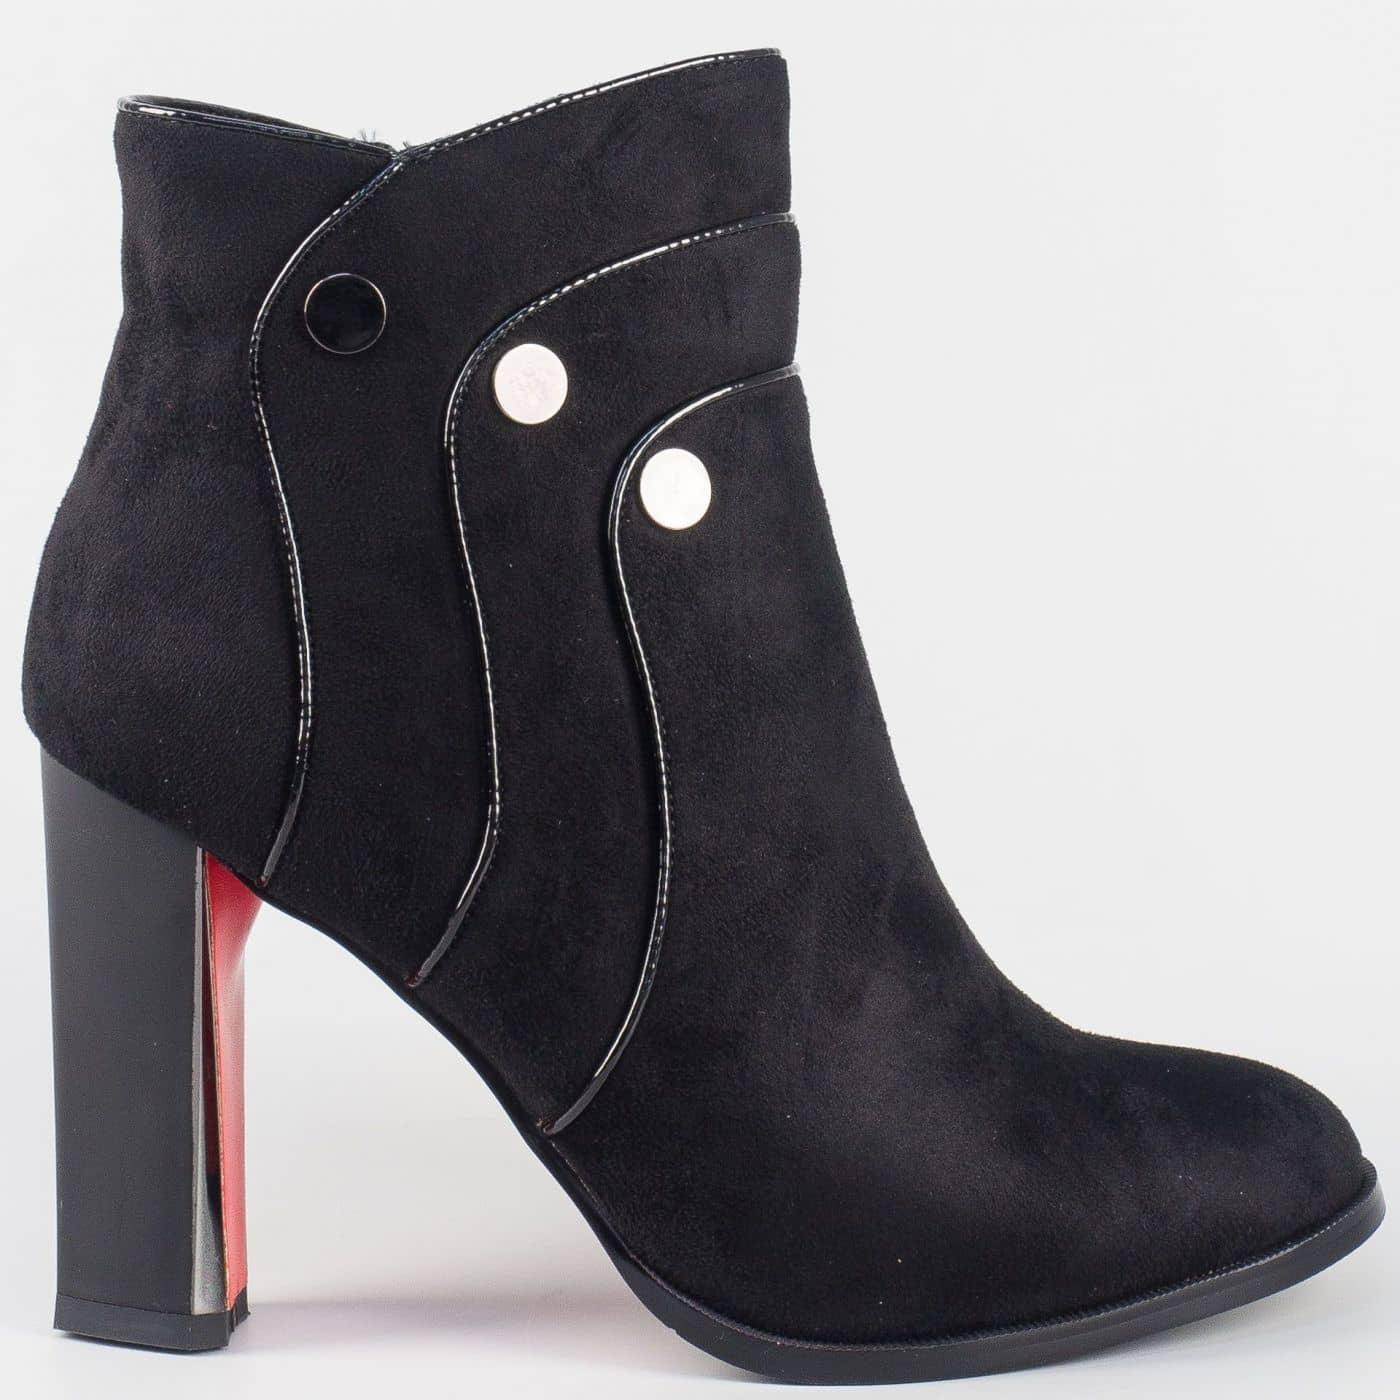 d2acc5690da Дамски елегантни боти на луксозен висок ток- Eliza в черен цвят 156036vch